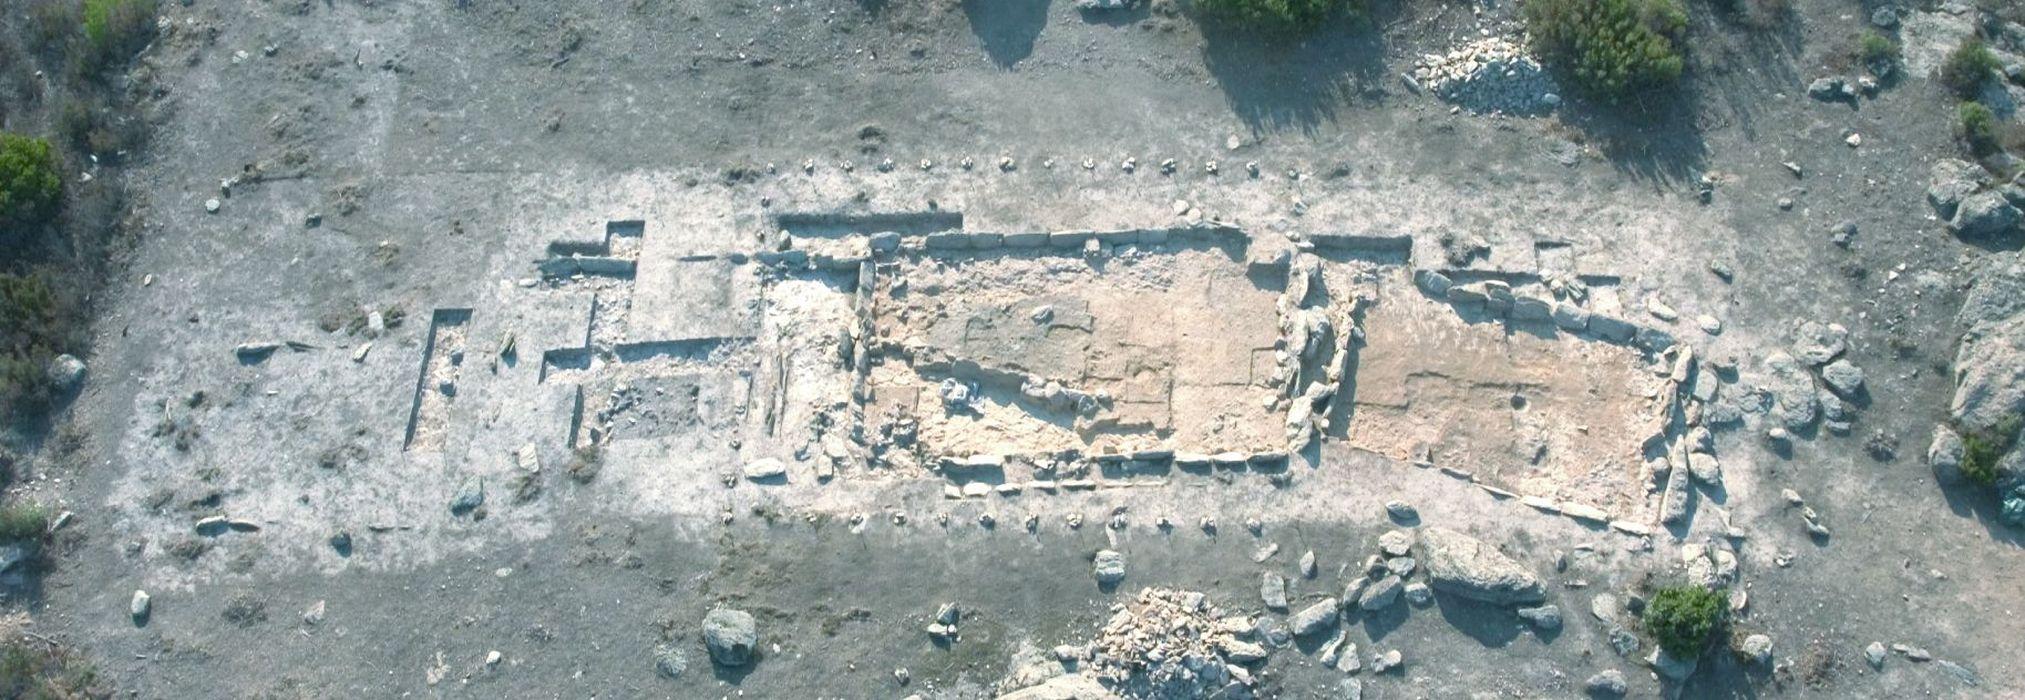 unité d'habitation 8 (Secteur III), vue zénithale (document photocopié provenant du dossier de protection)